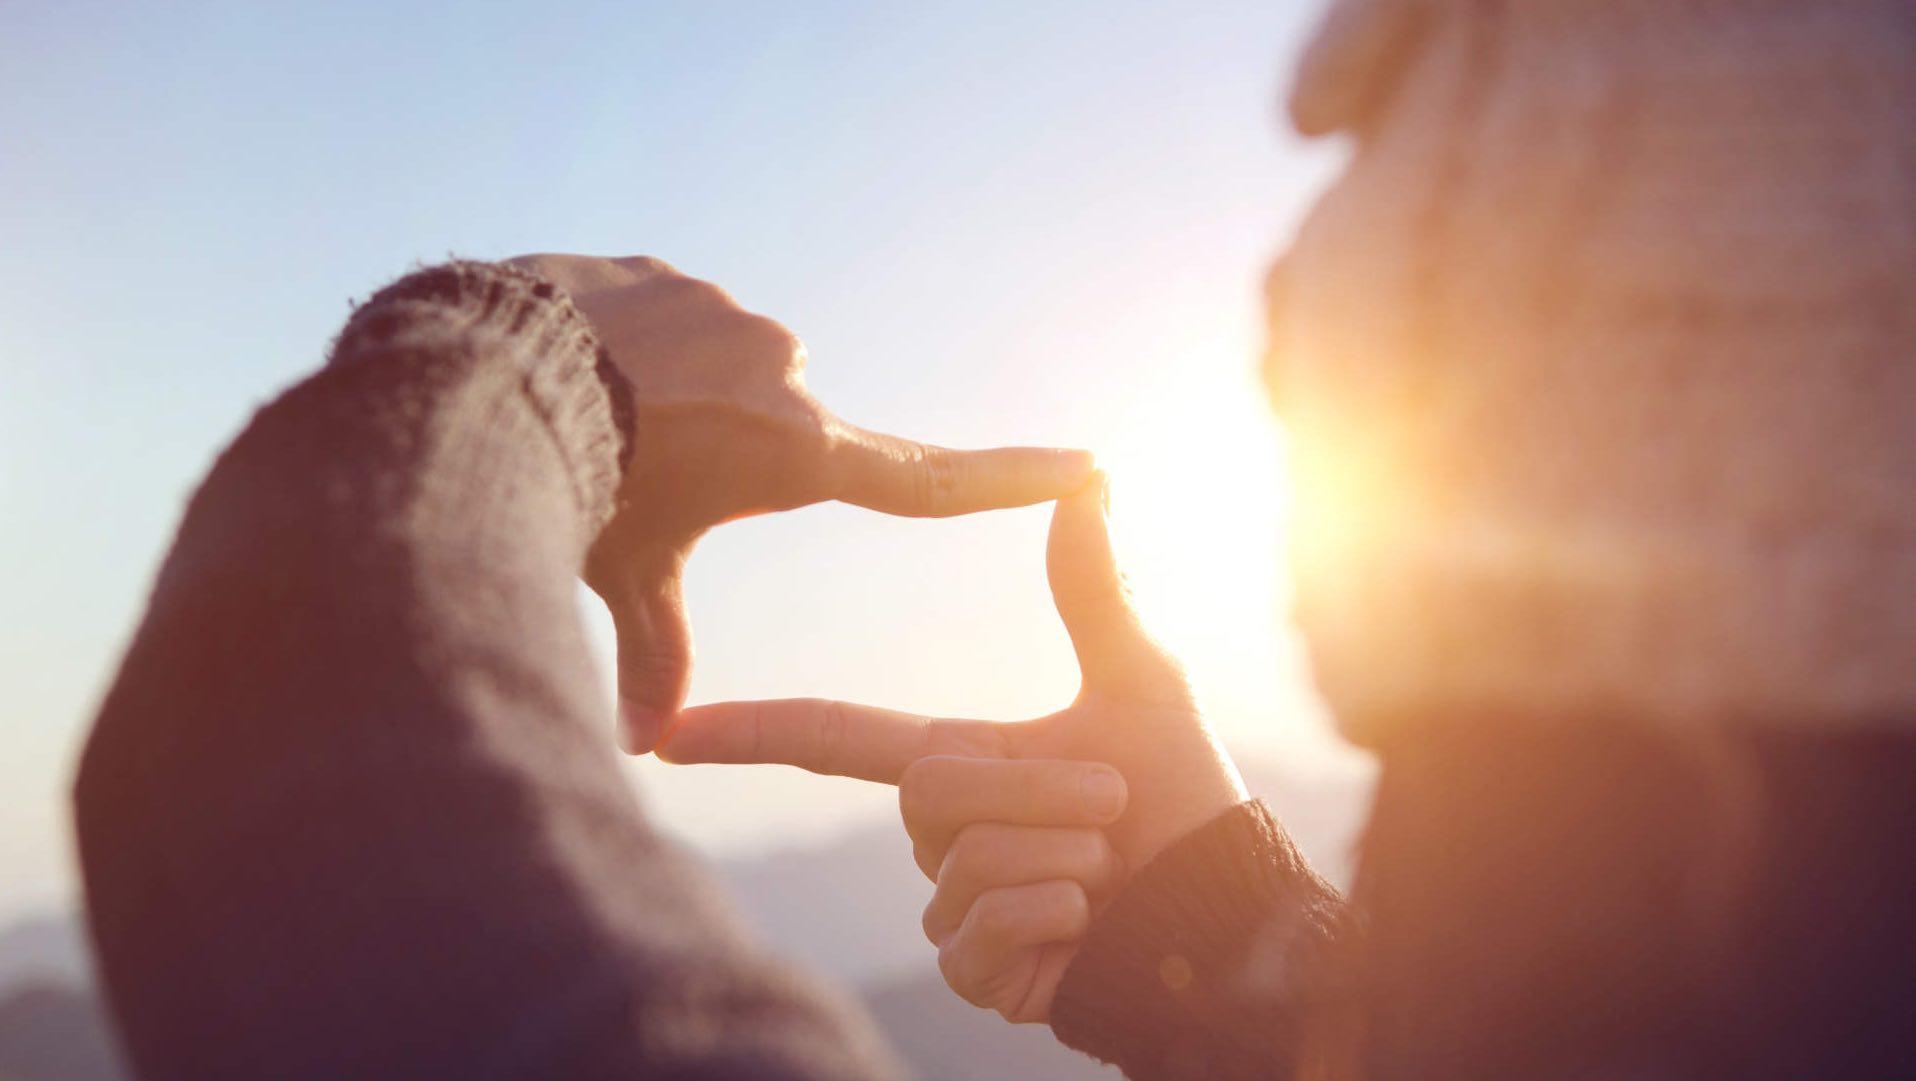 Frau_legt_ihre_Finger_auf_einem_Berg_in_einer_rahmenden_Geste_zusammen